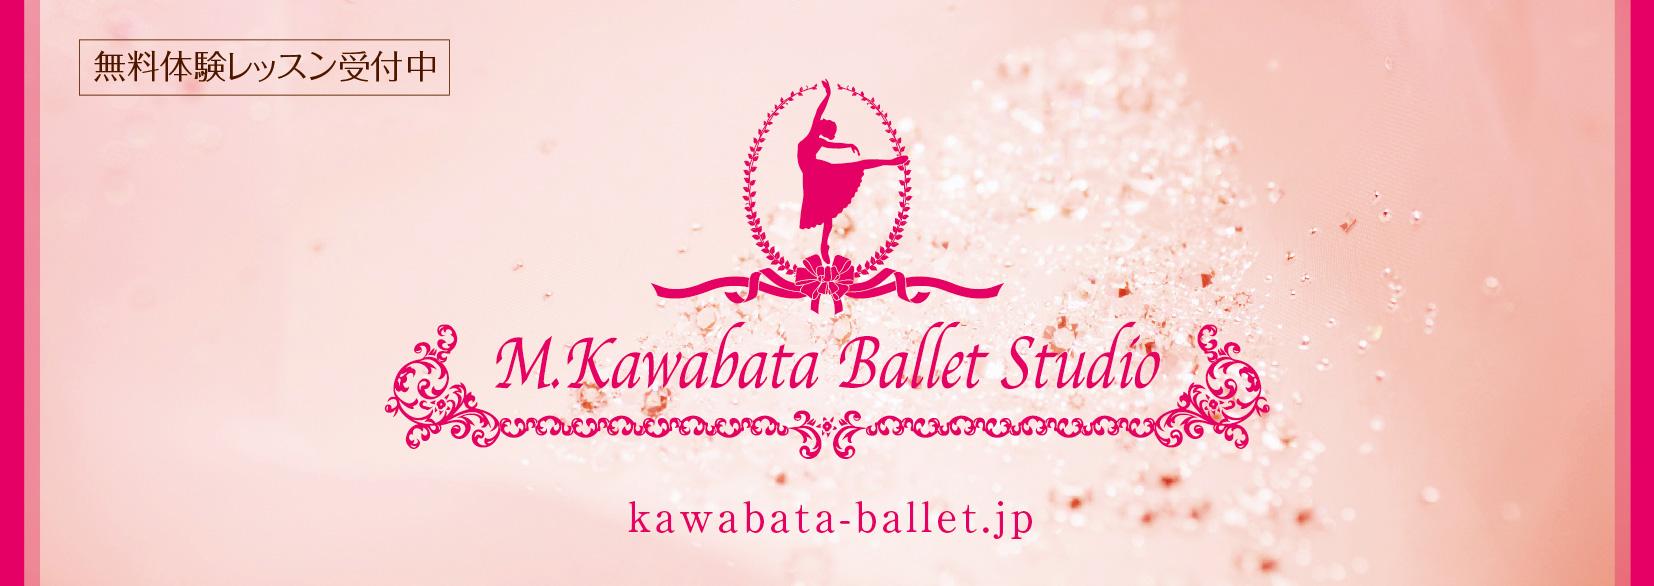 川畑麻弓バレエ教室 リーフレット 表紙